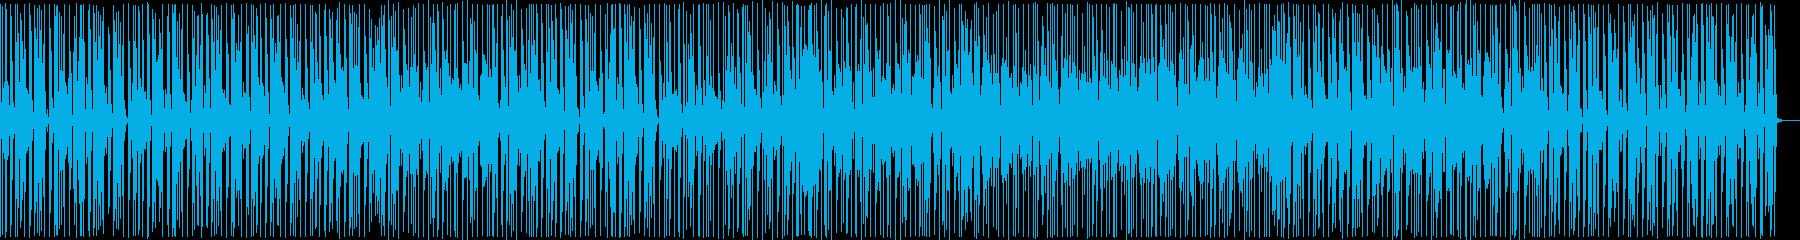 ファンキーなレトロな雰囲気。アップ...の再生済みの波形